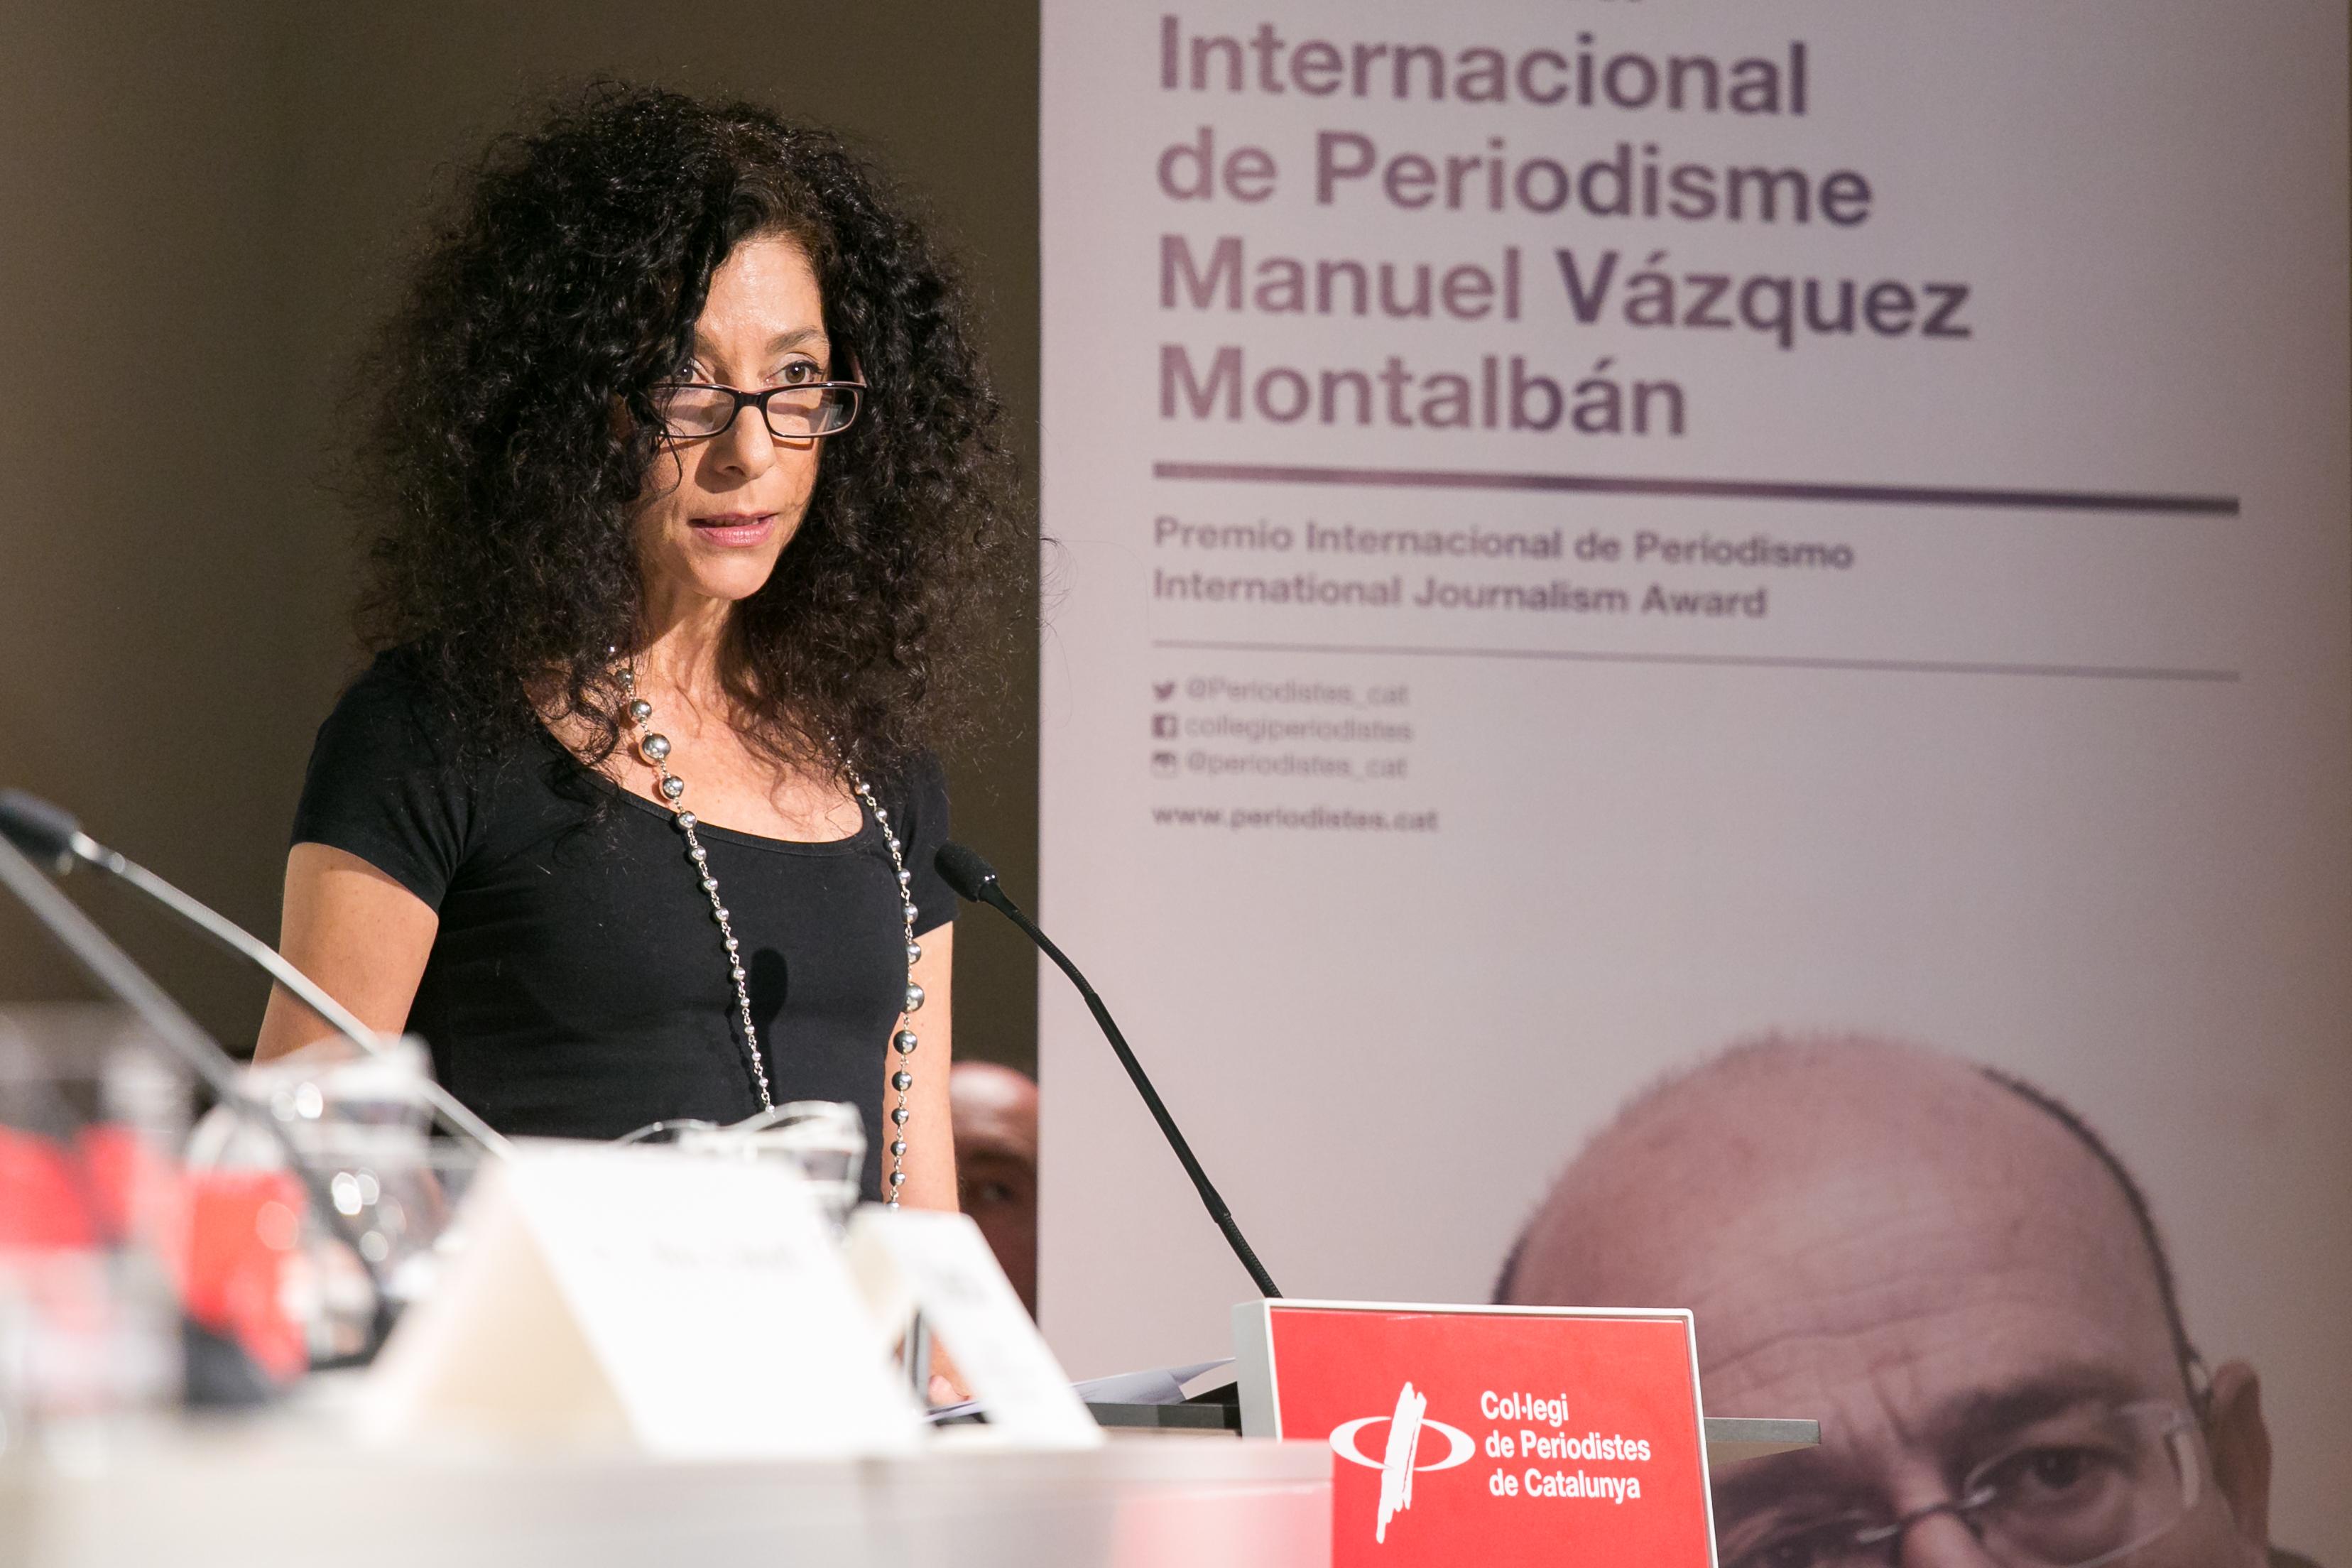 Leila Guerriero, premi Manuel Vazquez Montalban, al Col·Legi de Periodistes